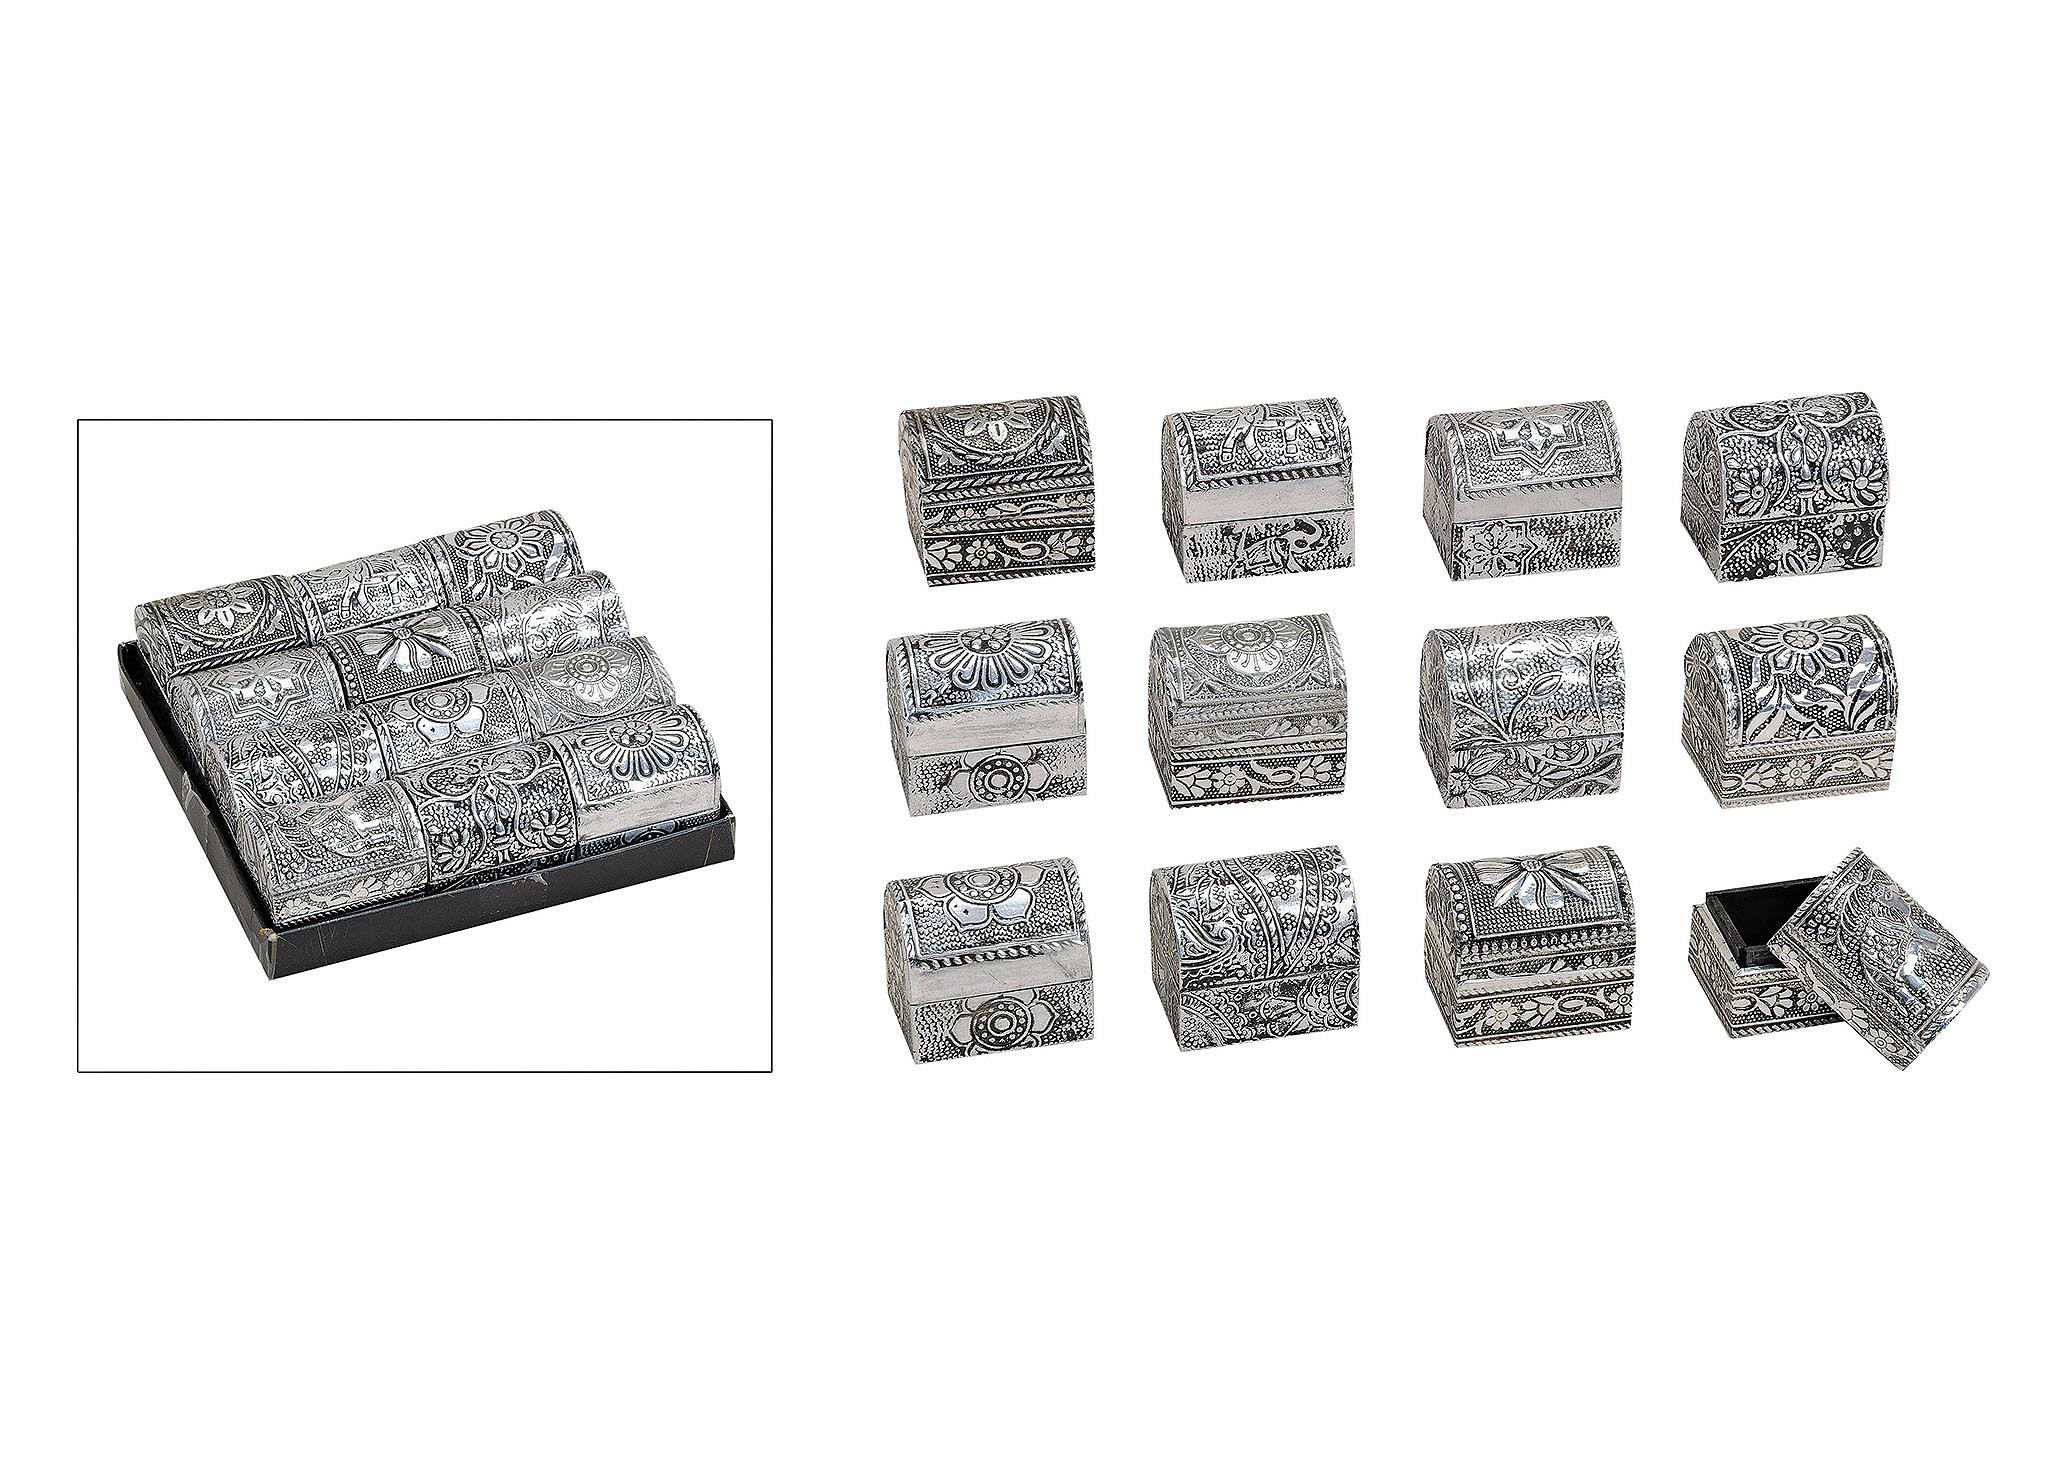 šperkovnice ORIENTAL 5x4x5 cm, kov a dřevo - 12 druhů